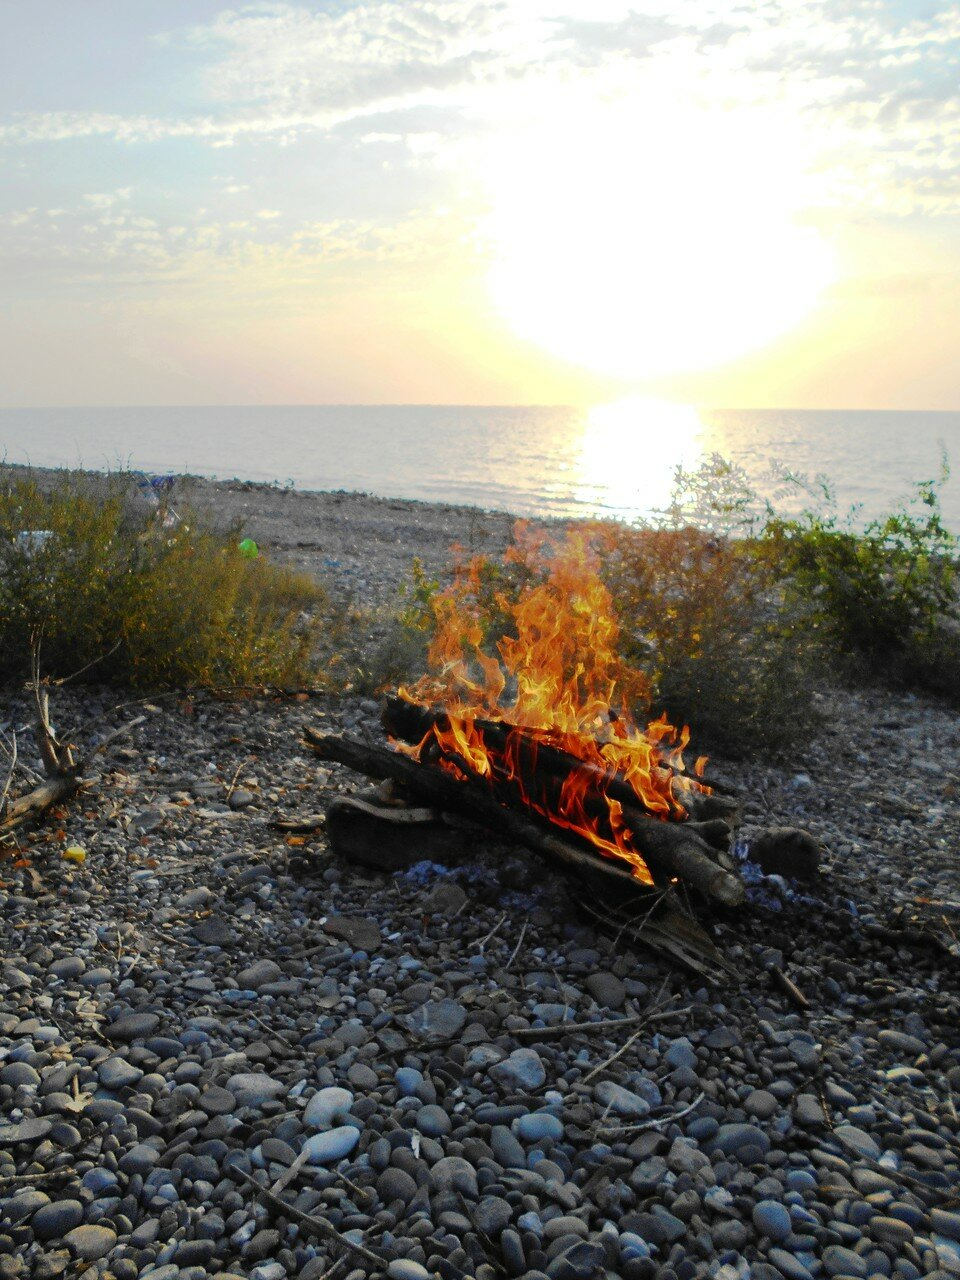 Вот и огонь возник, украсив туристический привал ... DSCN1282.JPG